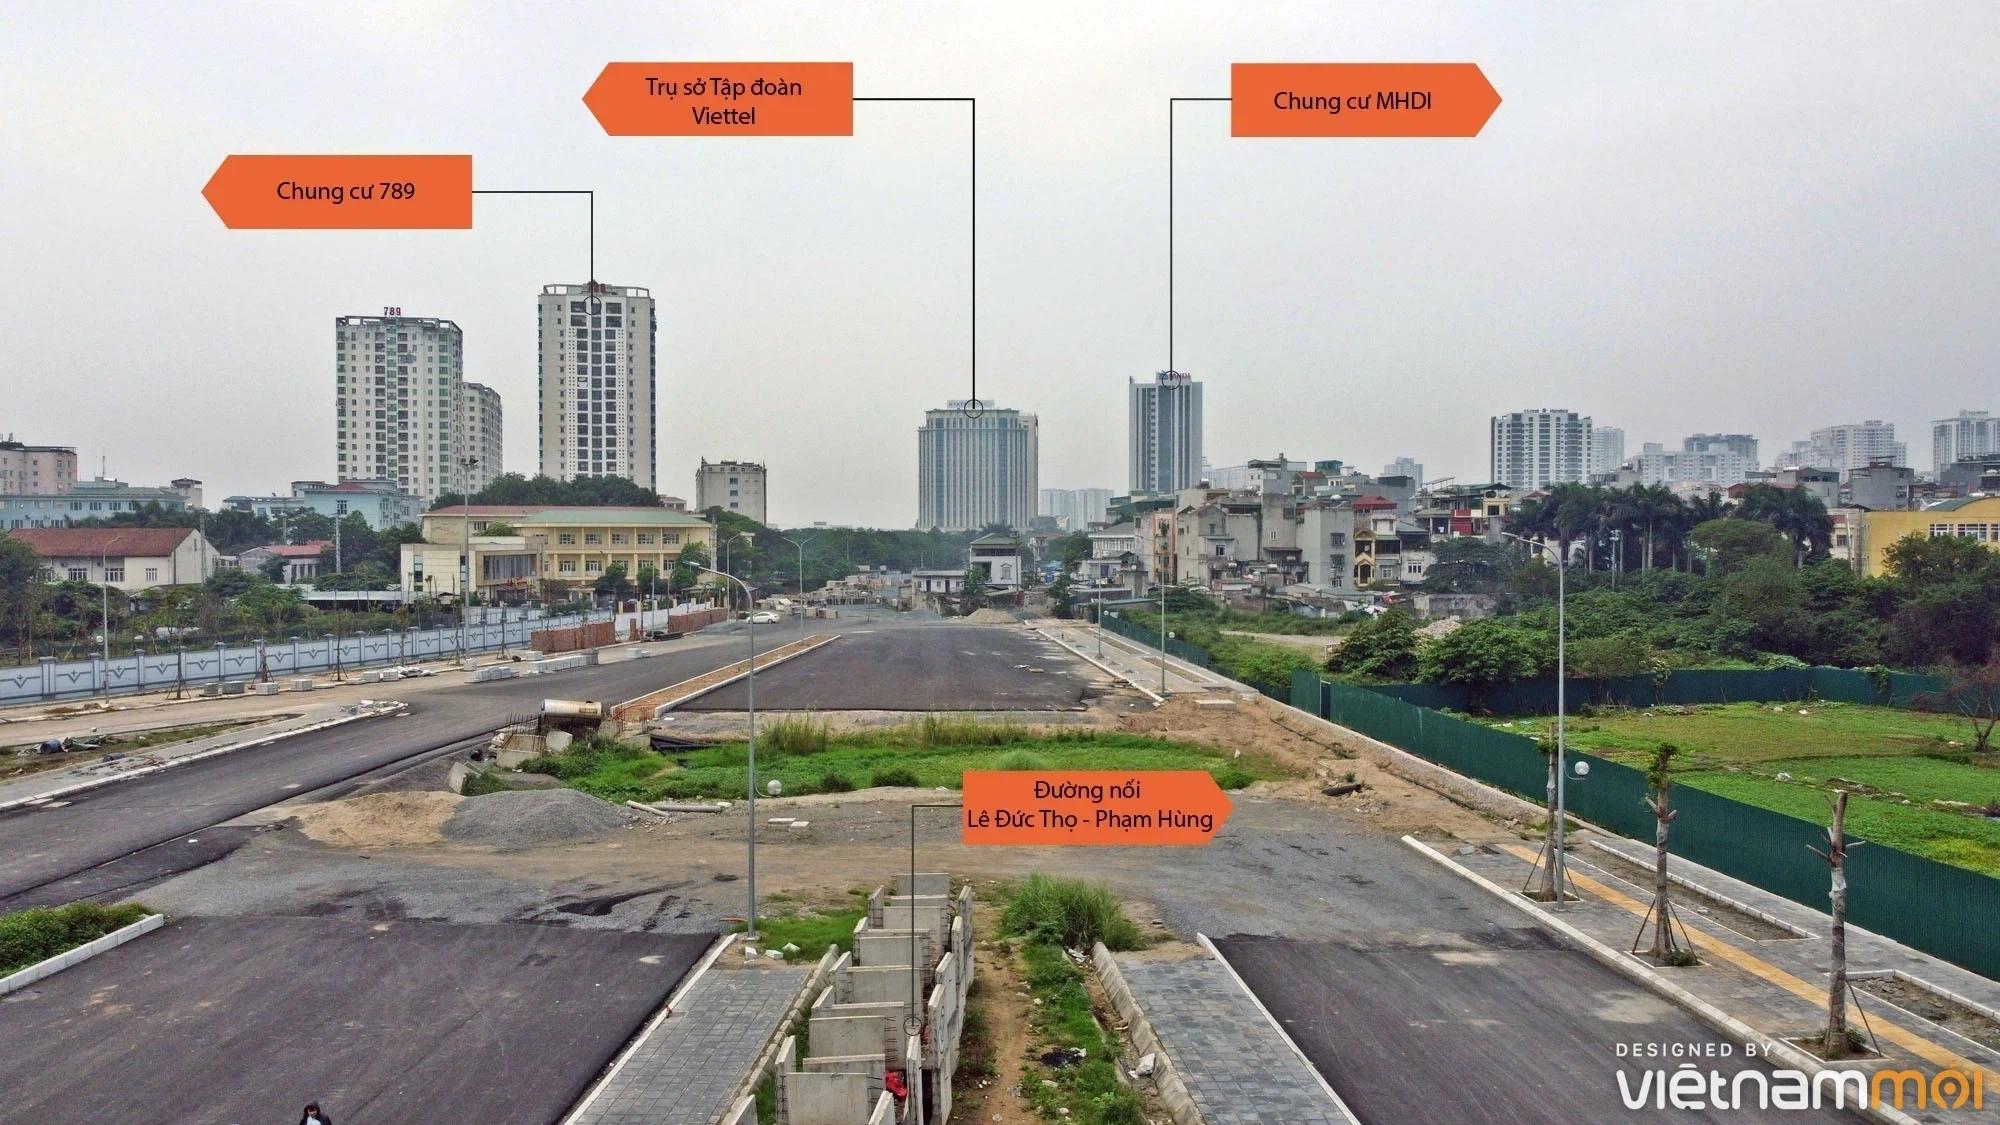 Toàn cảnh đường nối Lê Đức Thọ - Phạm Hùng đang mở theo quy hoạch ở Hà Nội - Ảnh 3.